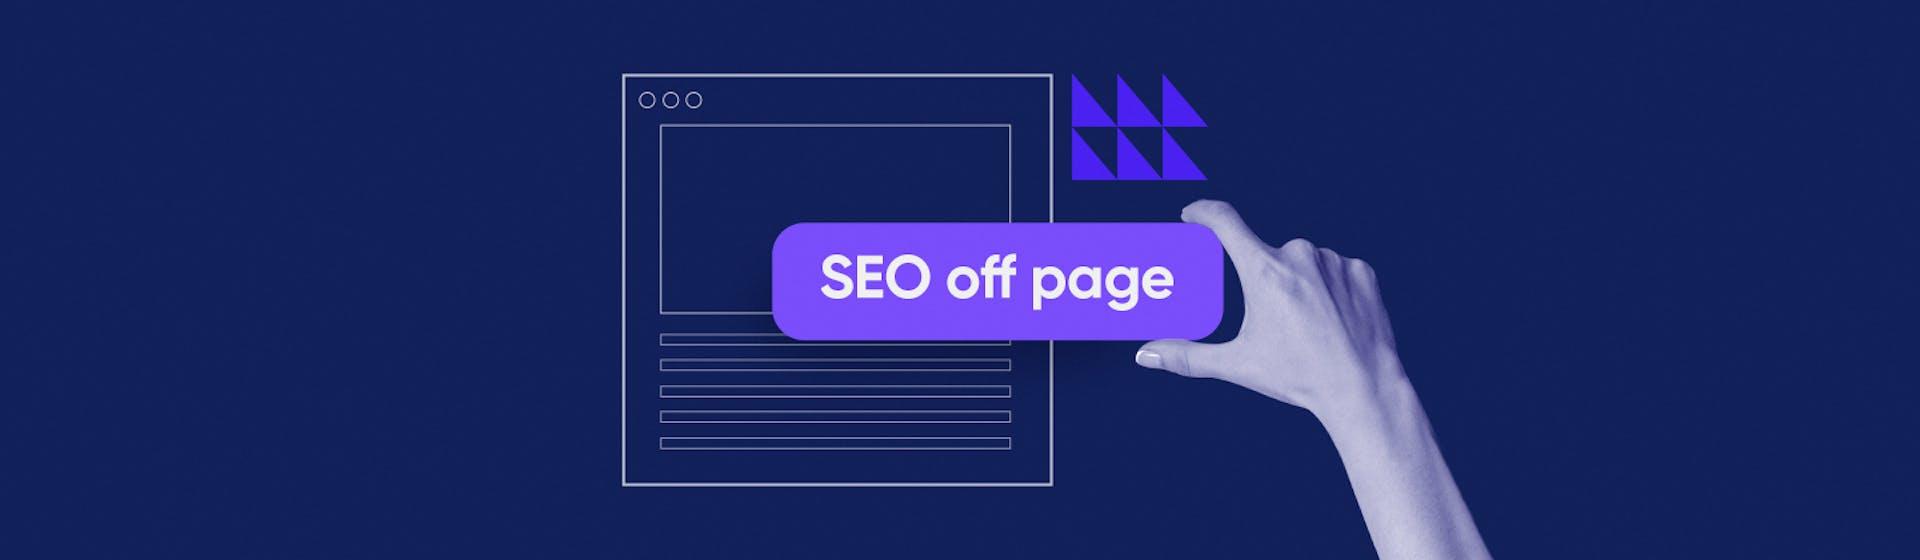 Descubre el SEO off page y eleva tu ranking en Google con estos consejos